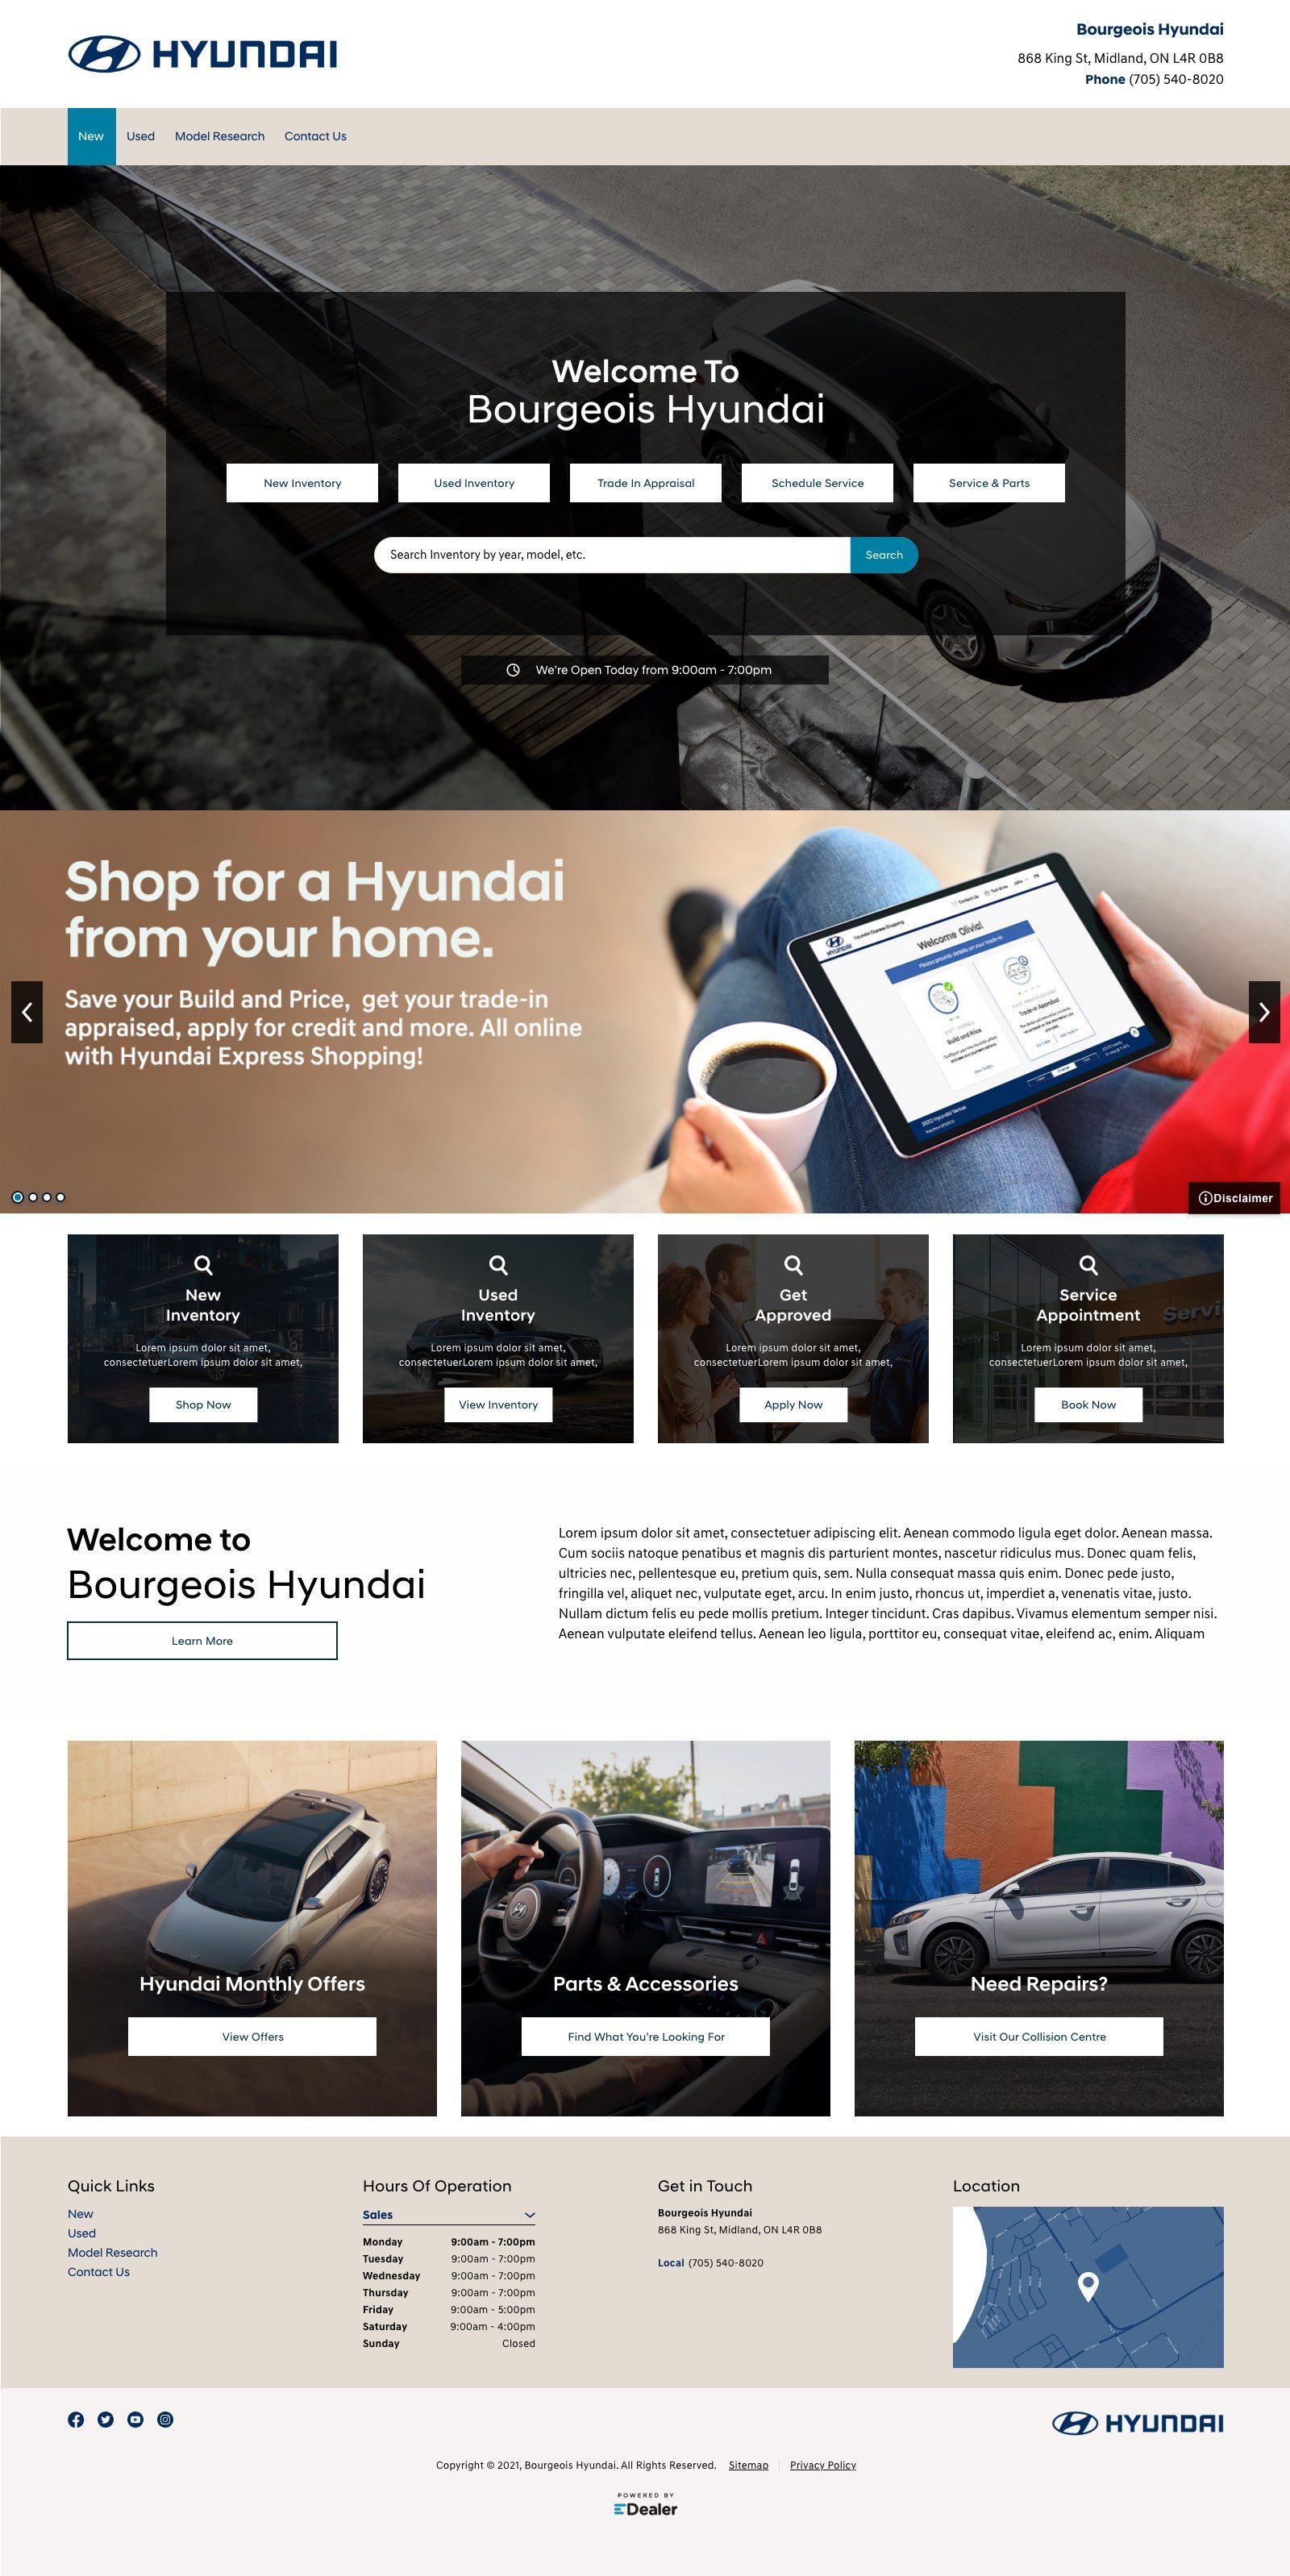 Bourgeois Midland Hyundai